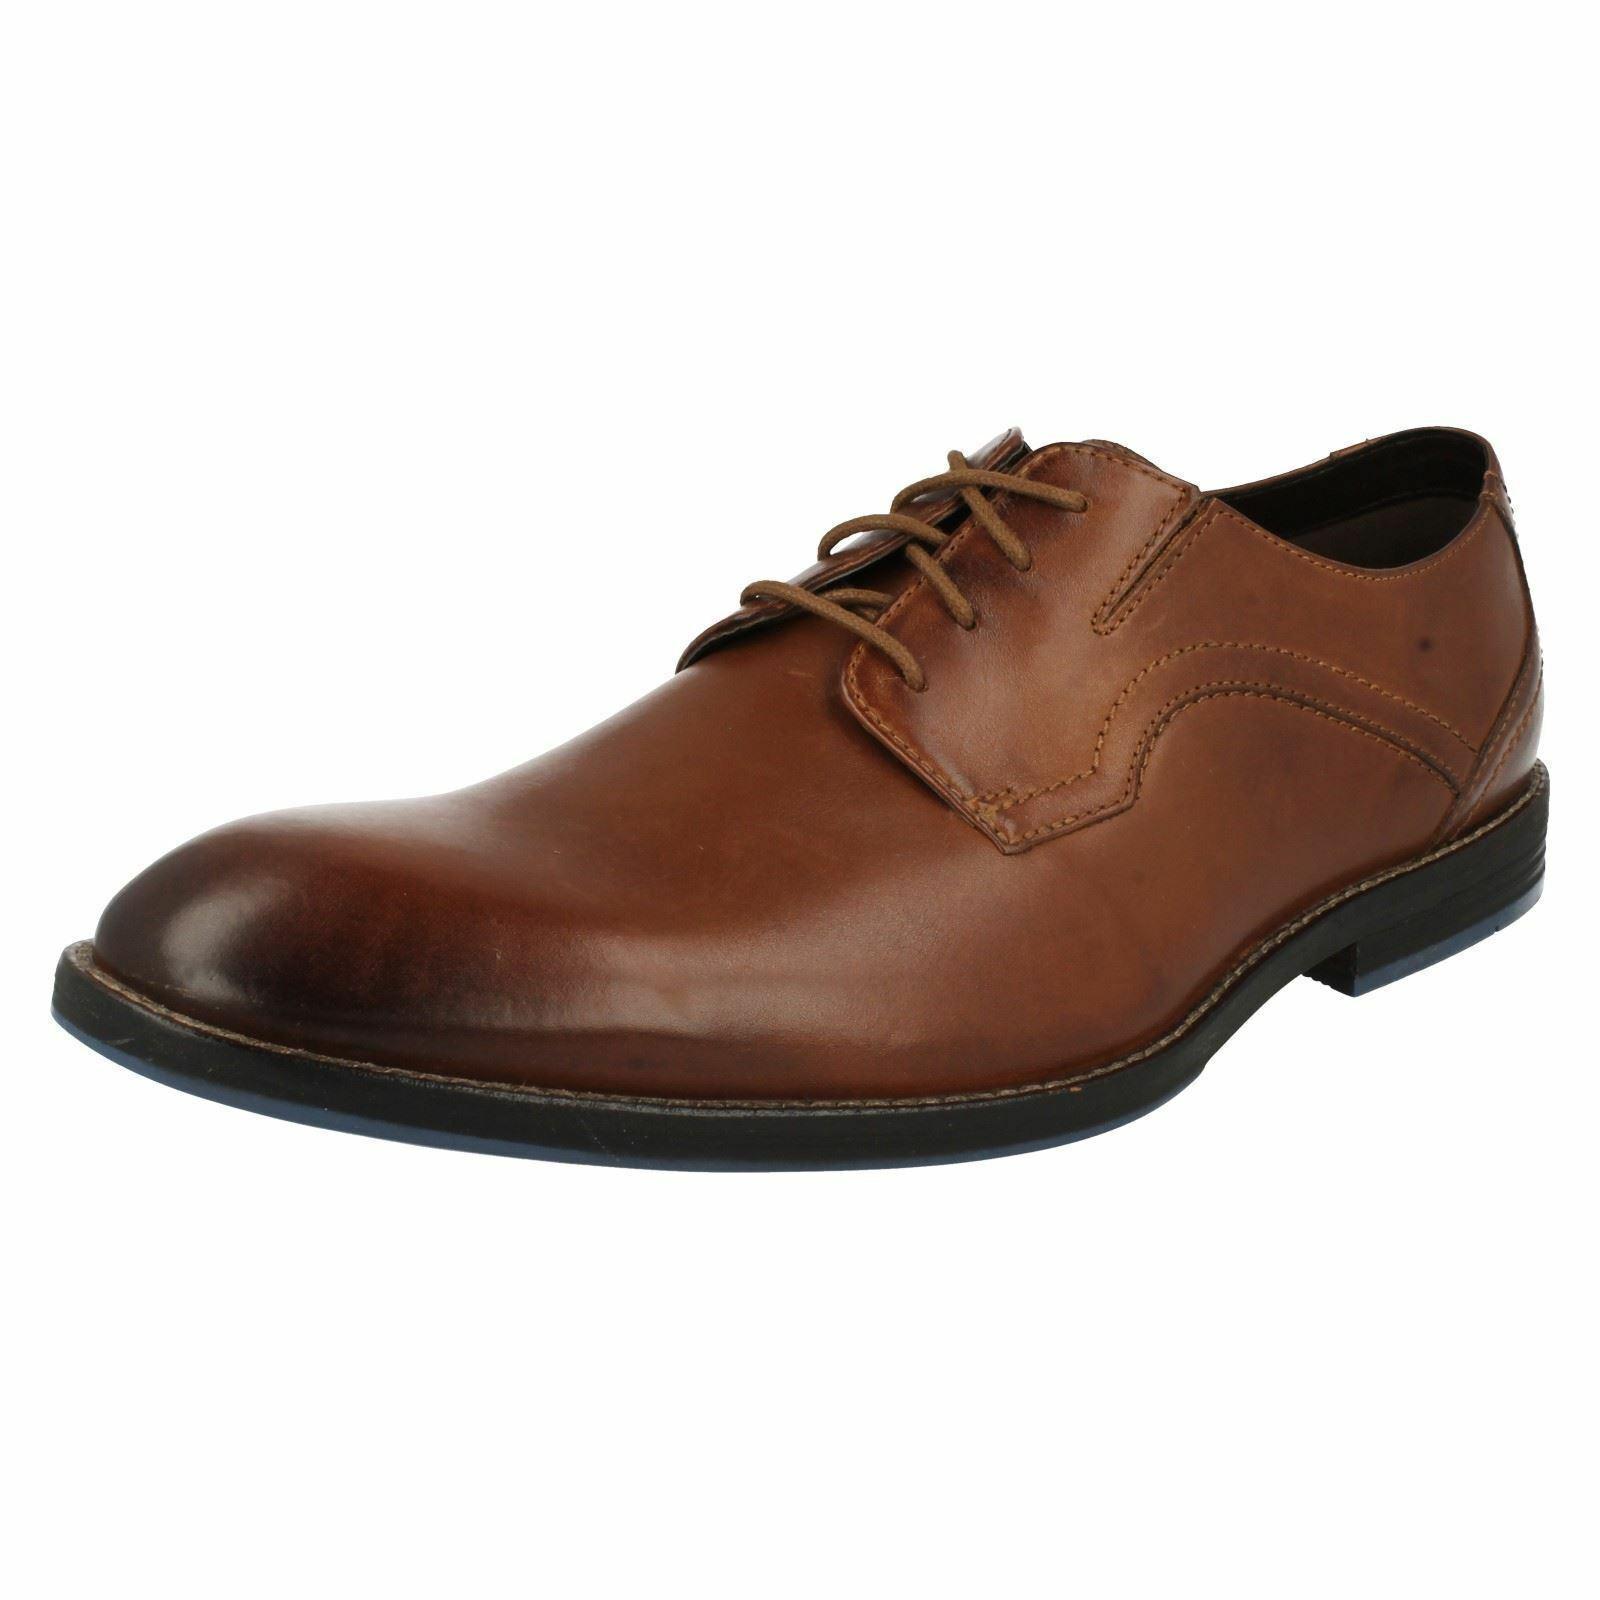 Clarks Hombre Cuero Trabajo Formal Dedo Pie Zapatos Elegantes con Cordones